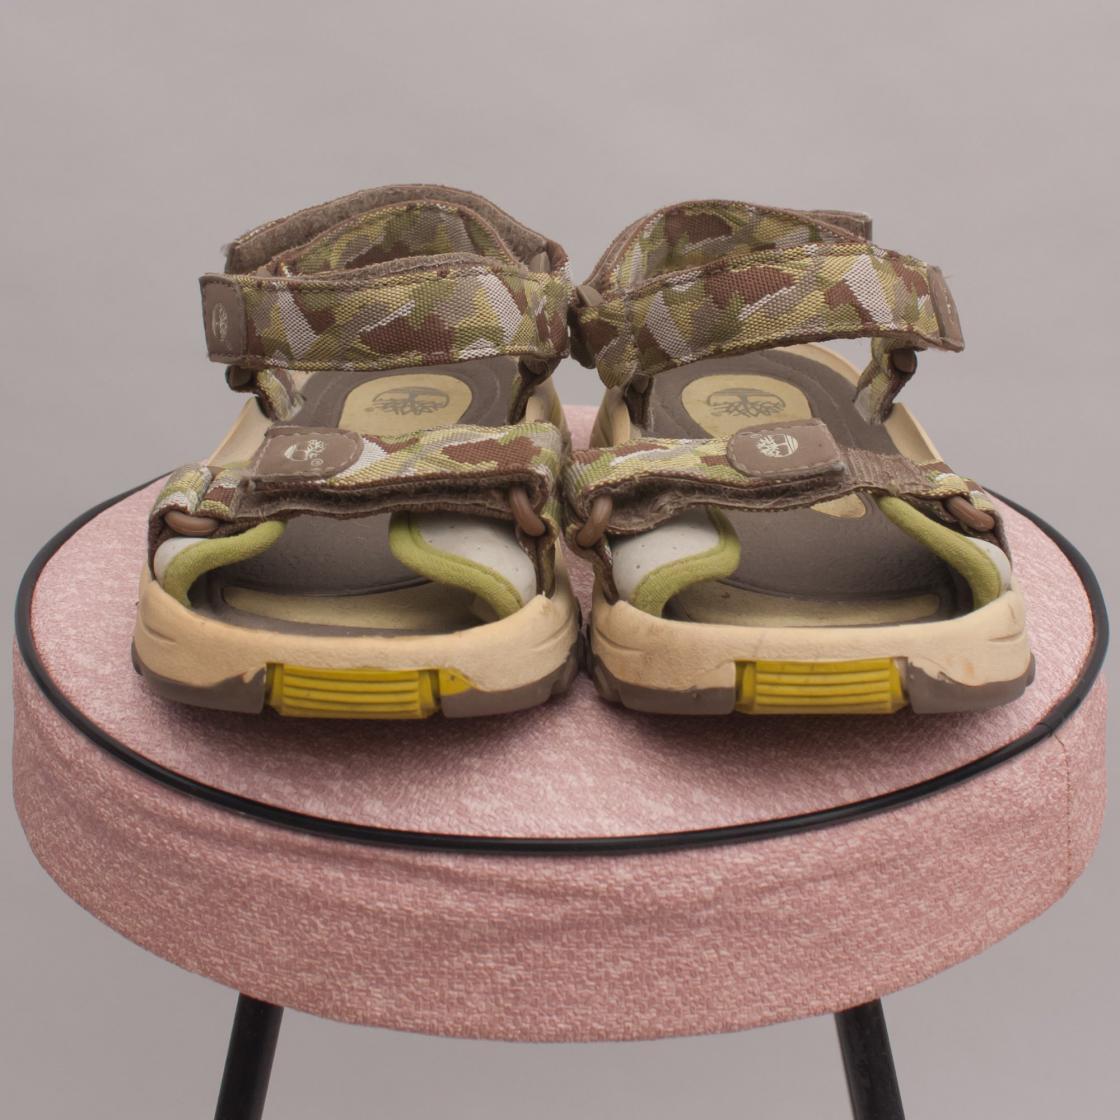 Timberland Camo Sandals - Size EU 27